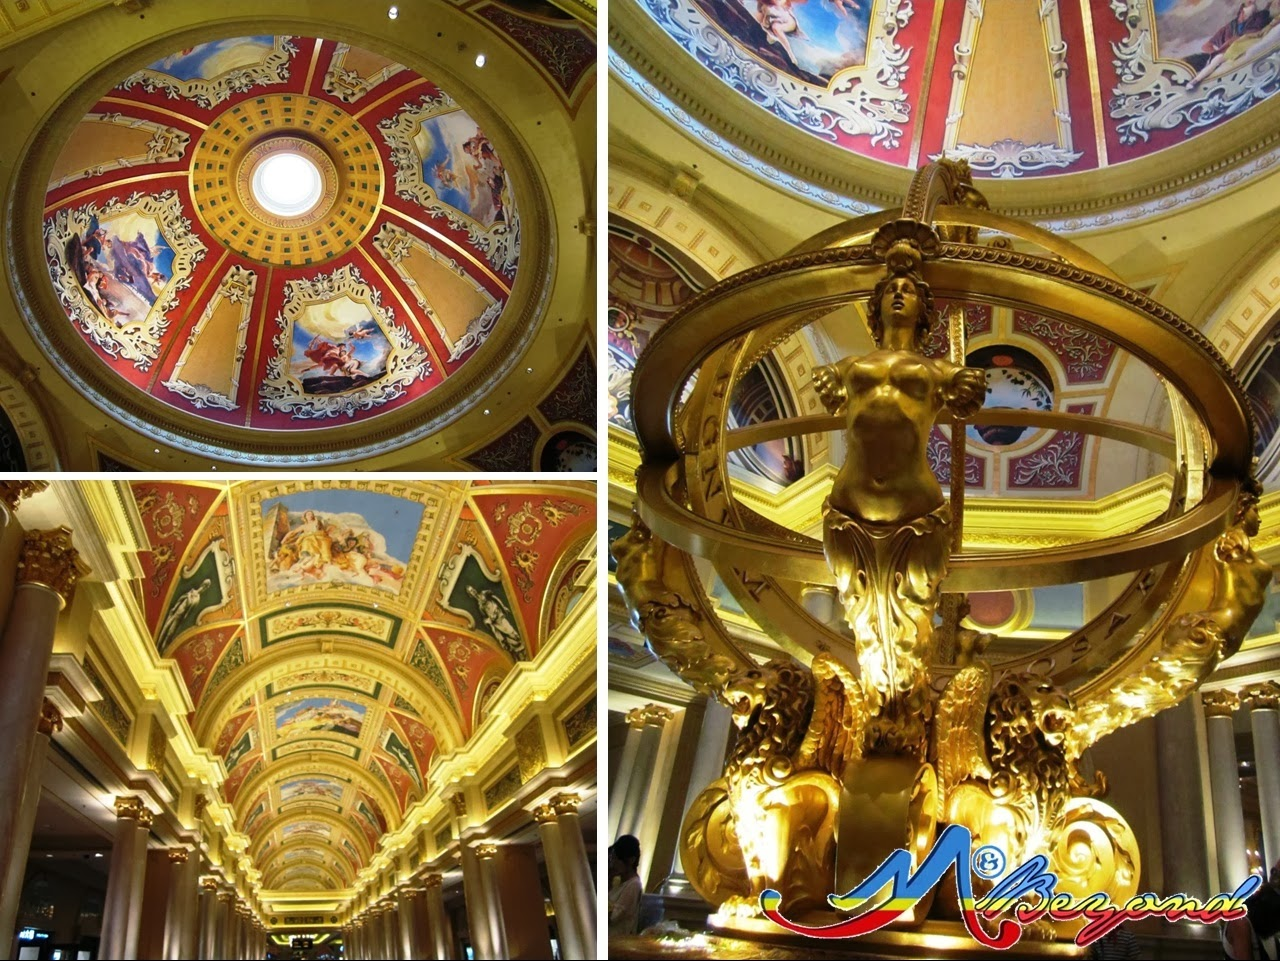 the venetian macau, gondola ride venetian macao, venetian gondola ride, venetian macao, venetian macao tour